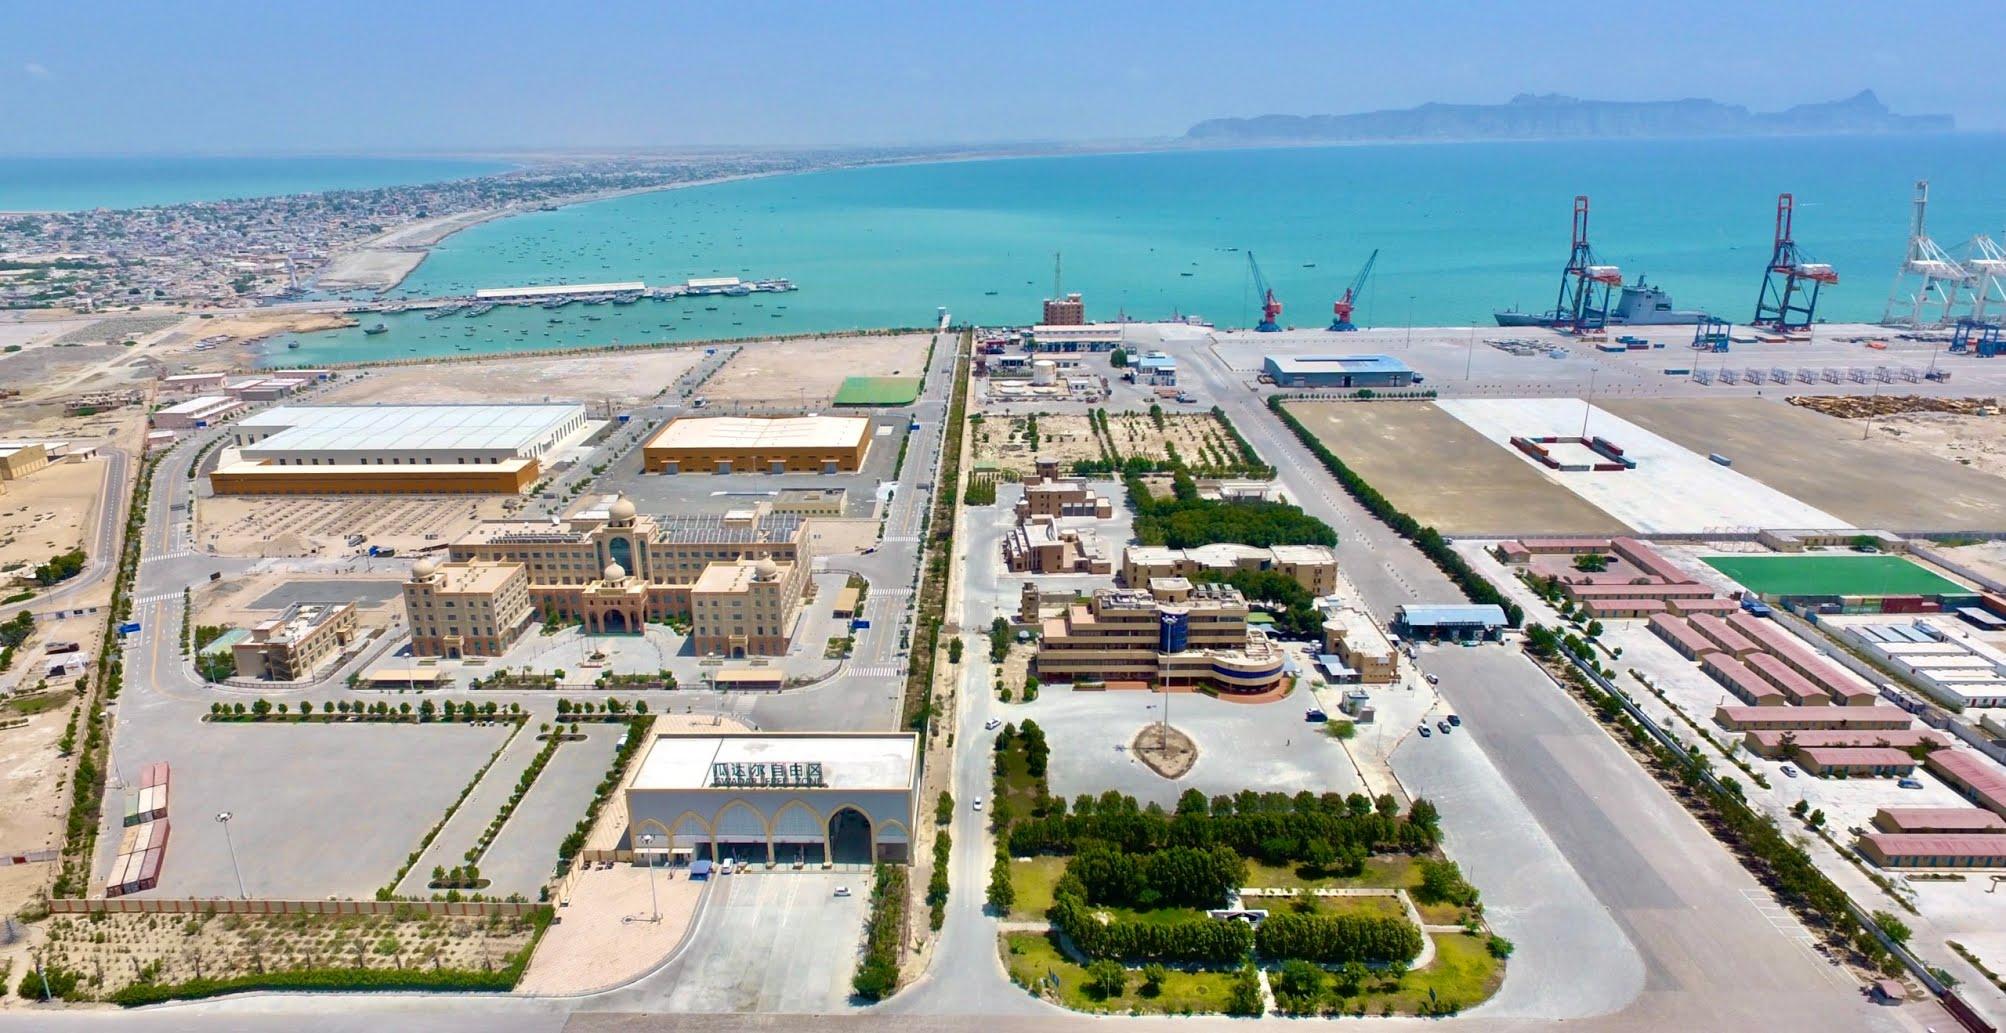 Aerial view of Gwadar port, Shabbir Ahmed